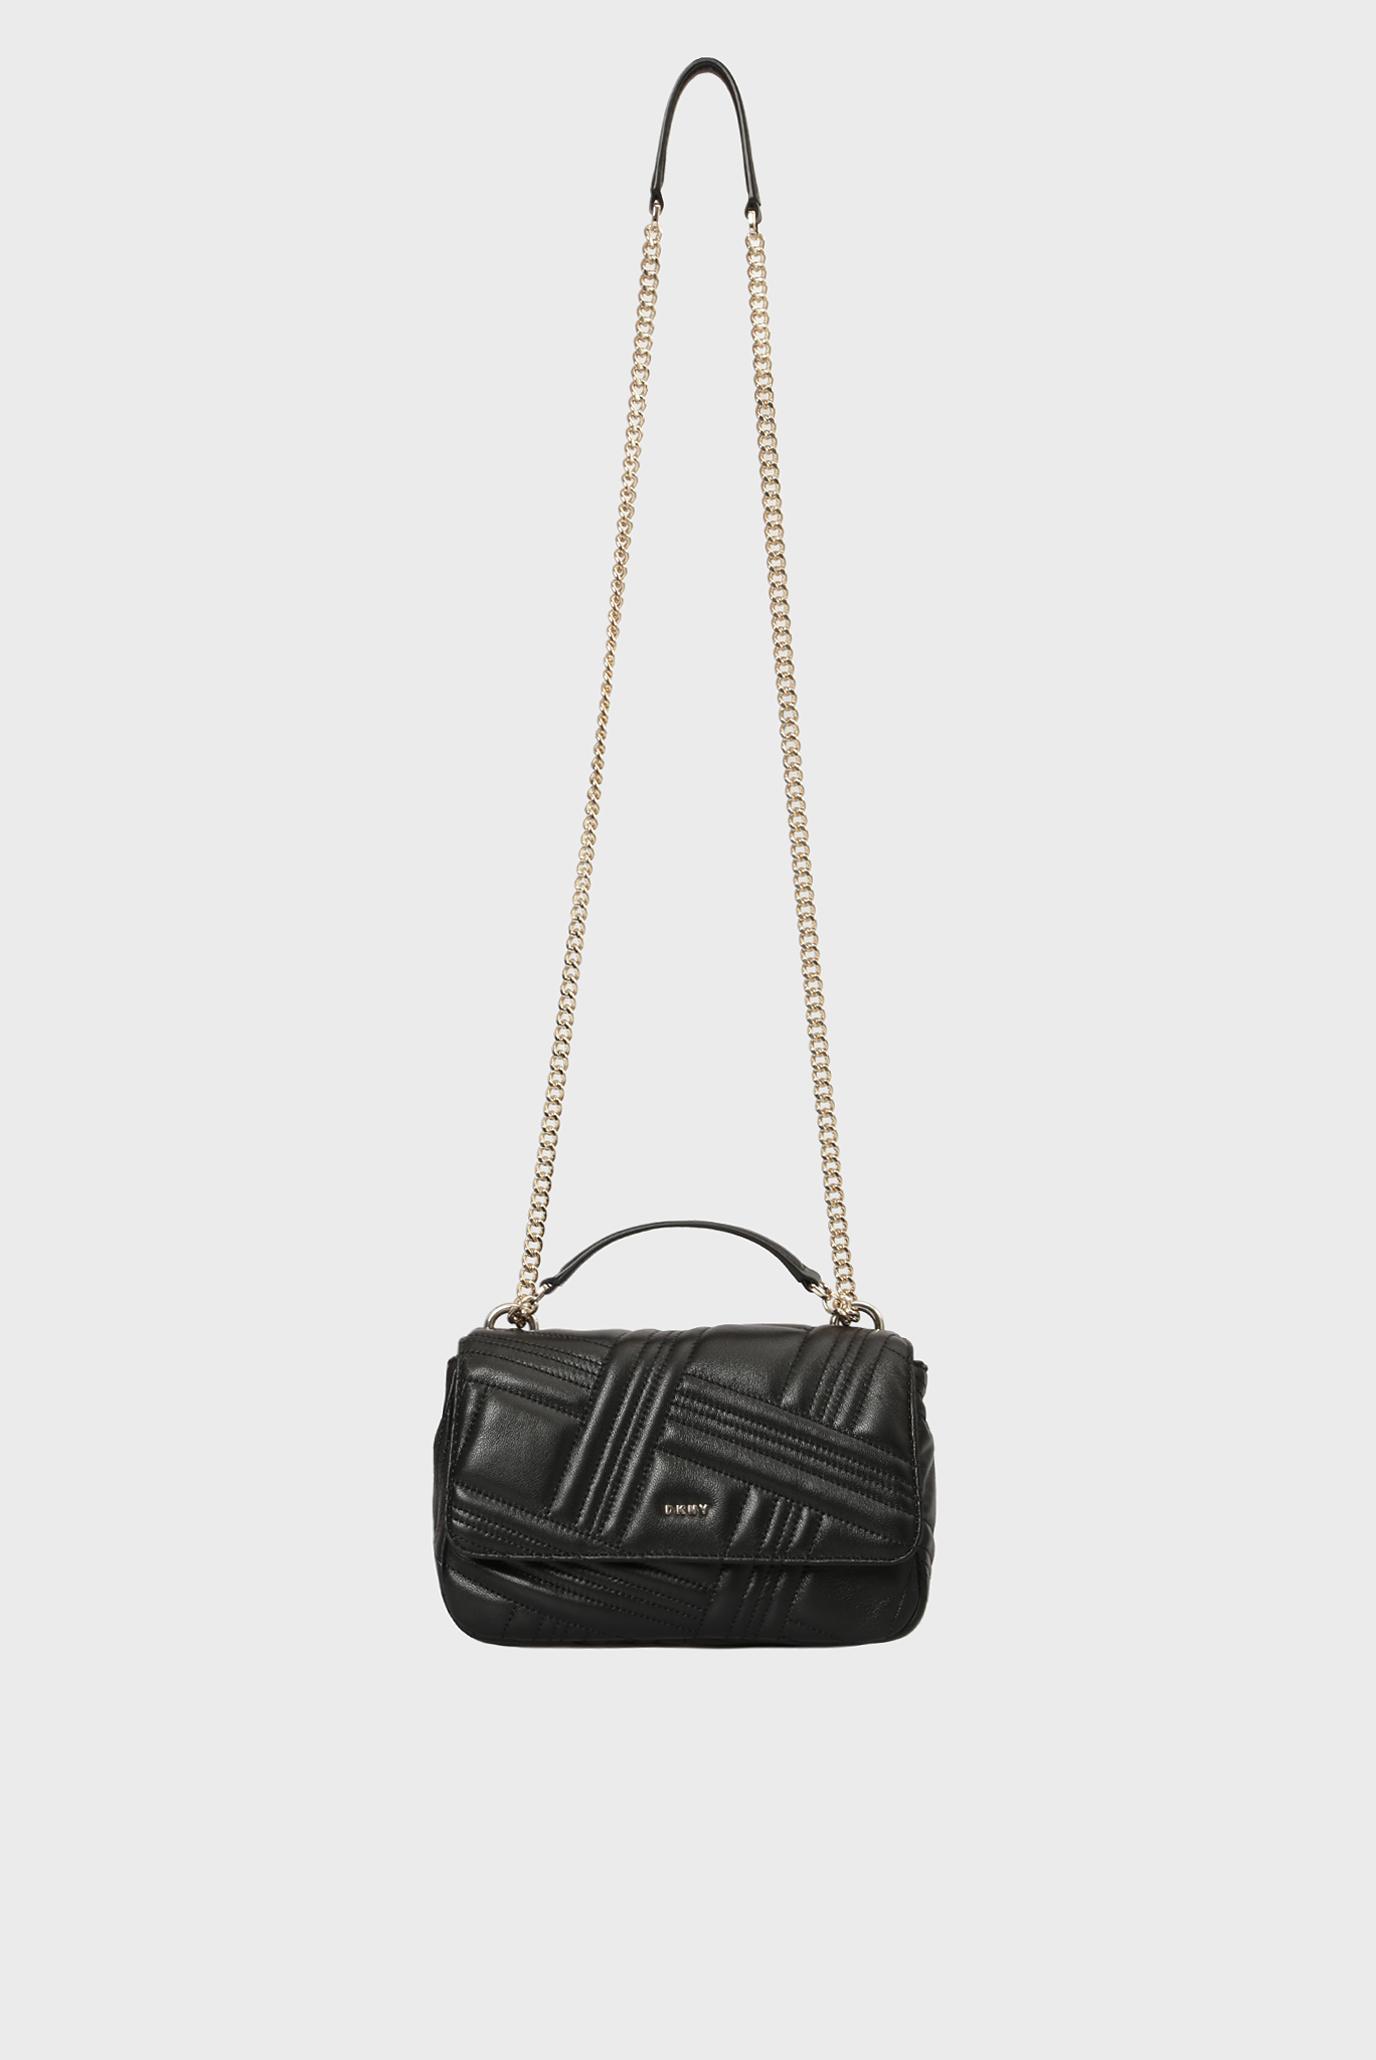 ce61fc996f4b Купить Женская черная кожаная сумка на плечо ALLEN- MD DKNY DKNY R833B638 –  Киев, Украина. Цены в ...